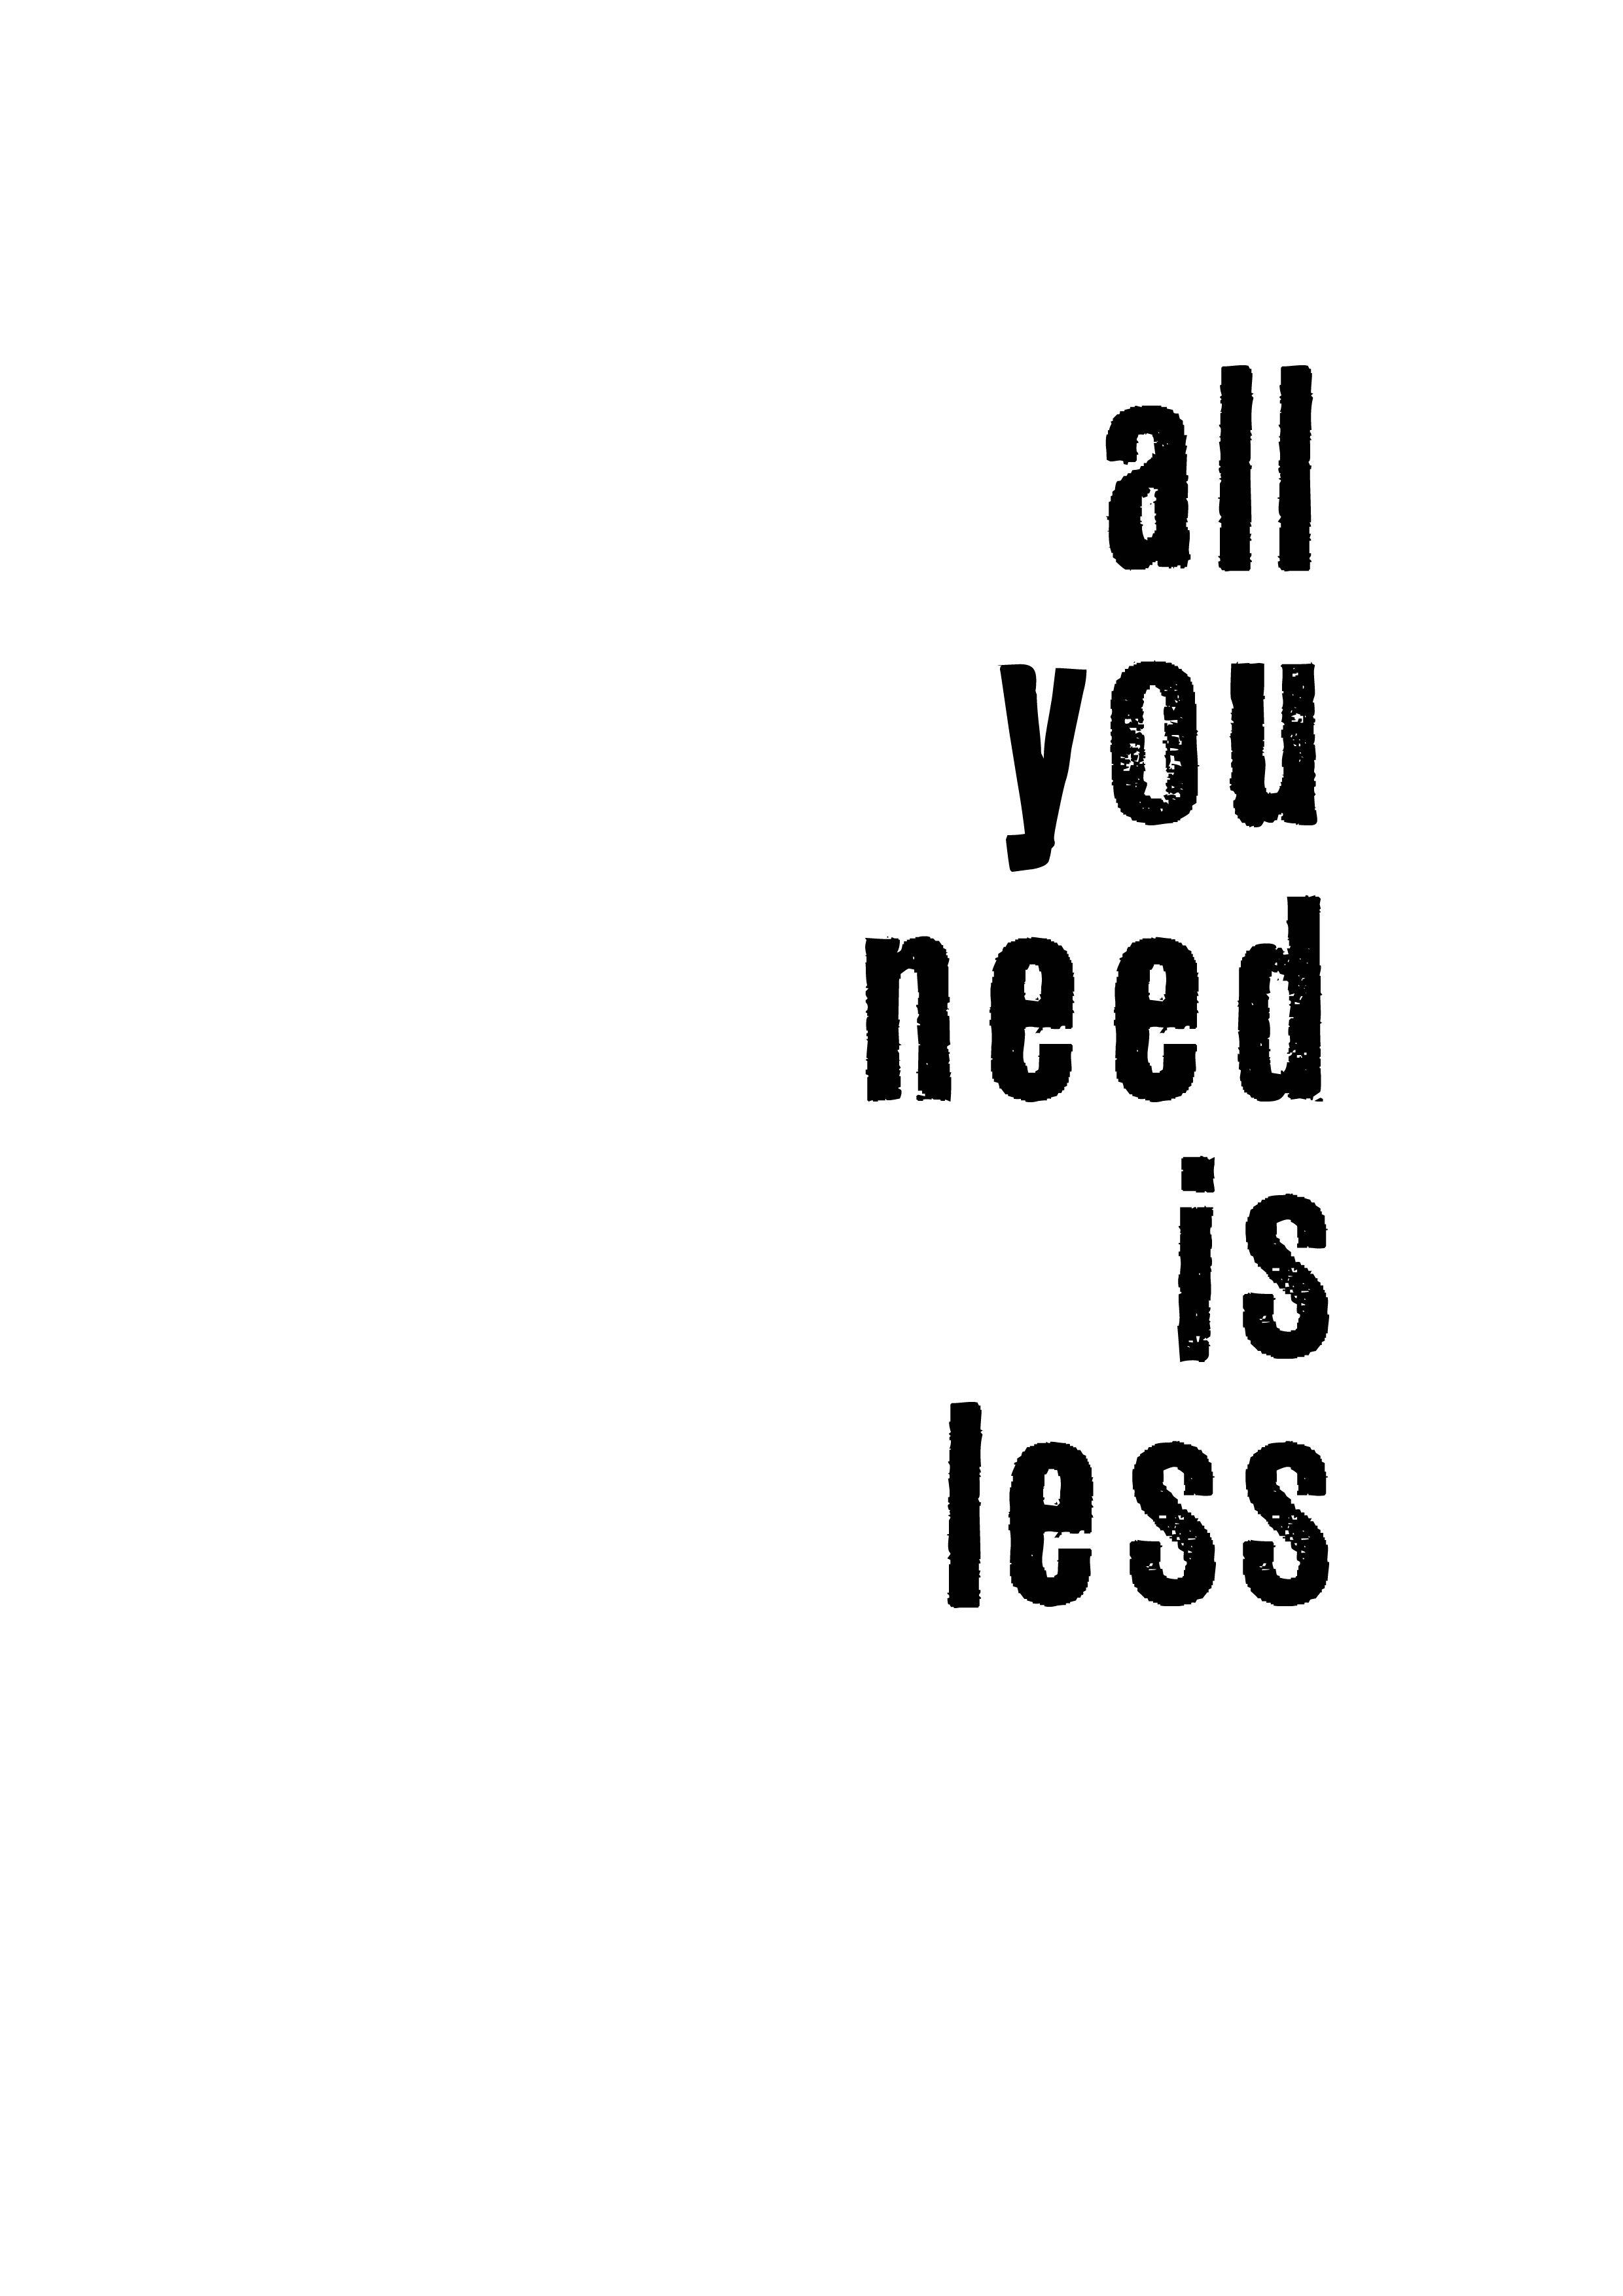 個人思維模式之一:少即是多,不求擁有更多,而是能學會放下。